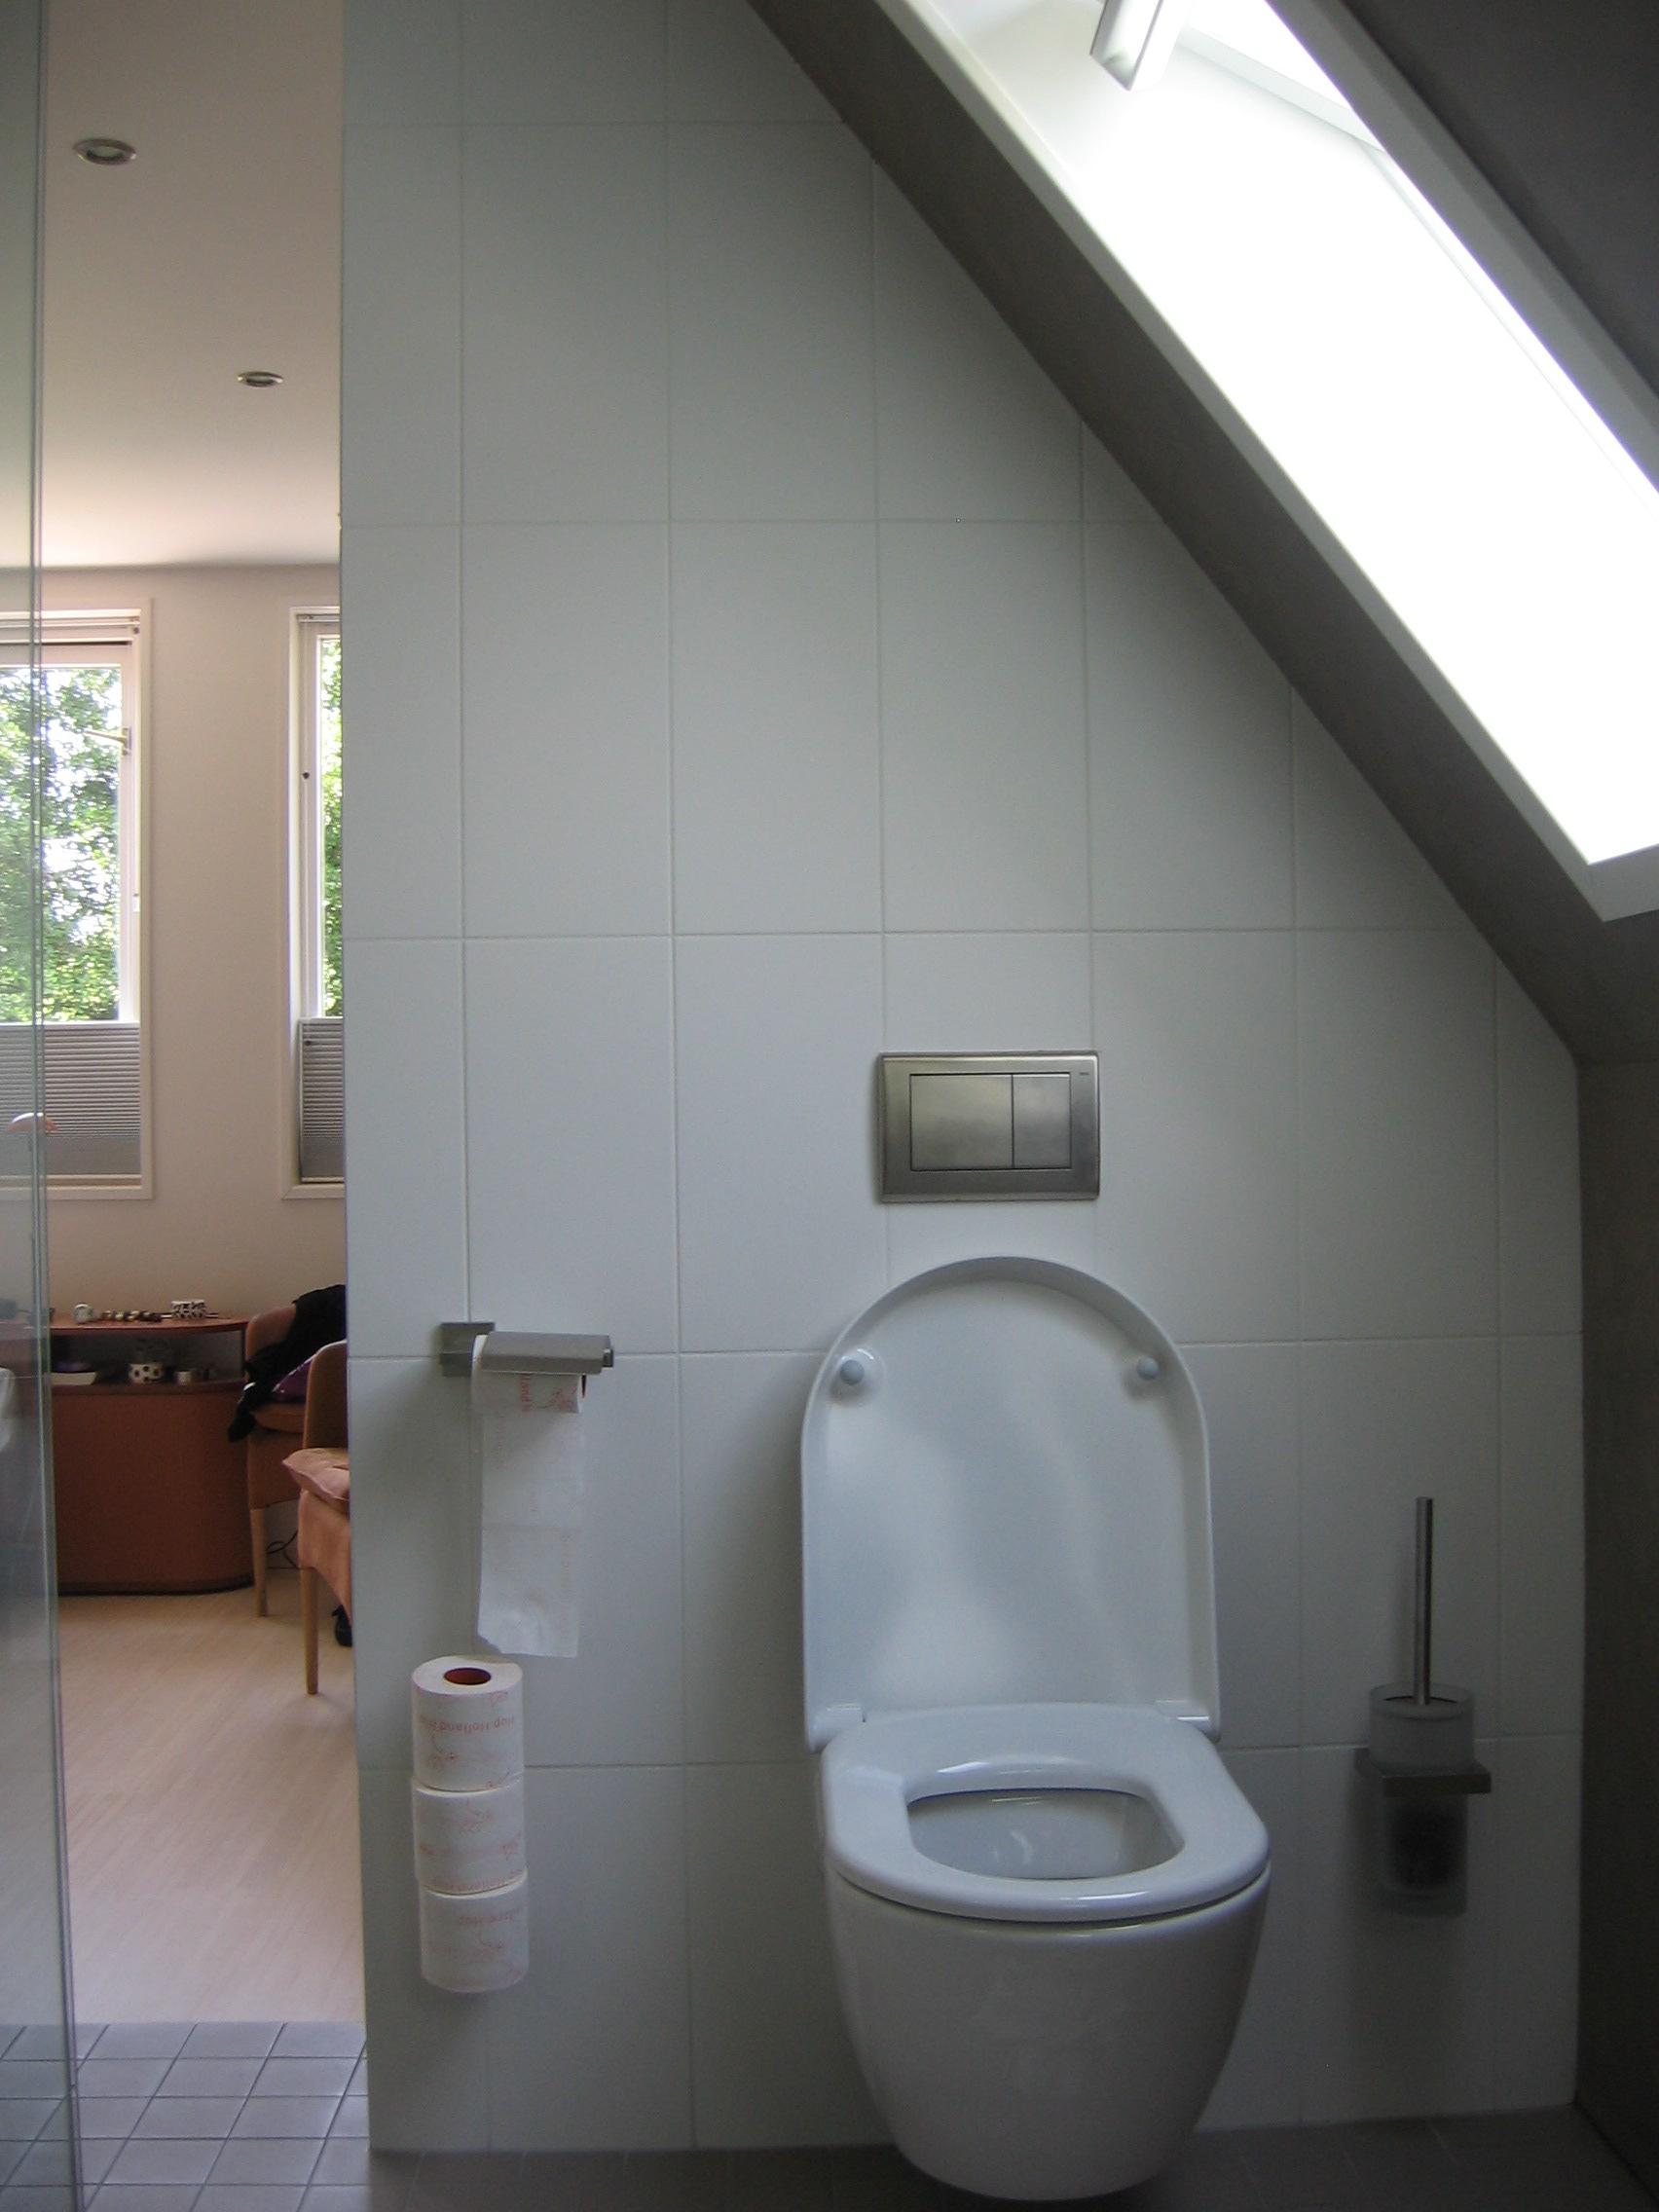 schuine wand met doorlopend stucwerk van de slaapkamer naar de badkamer